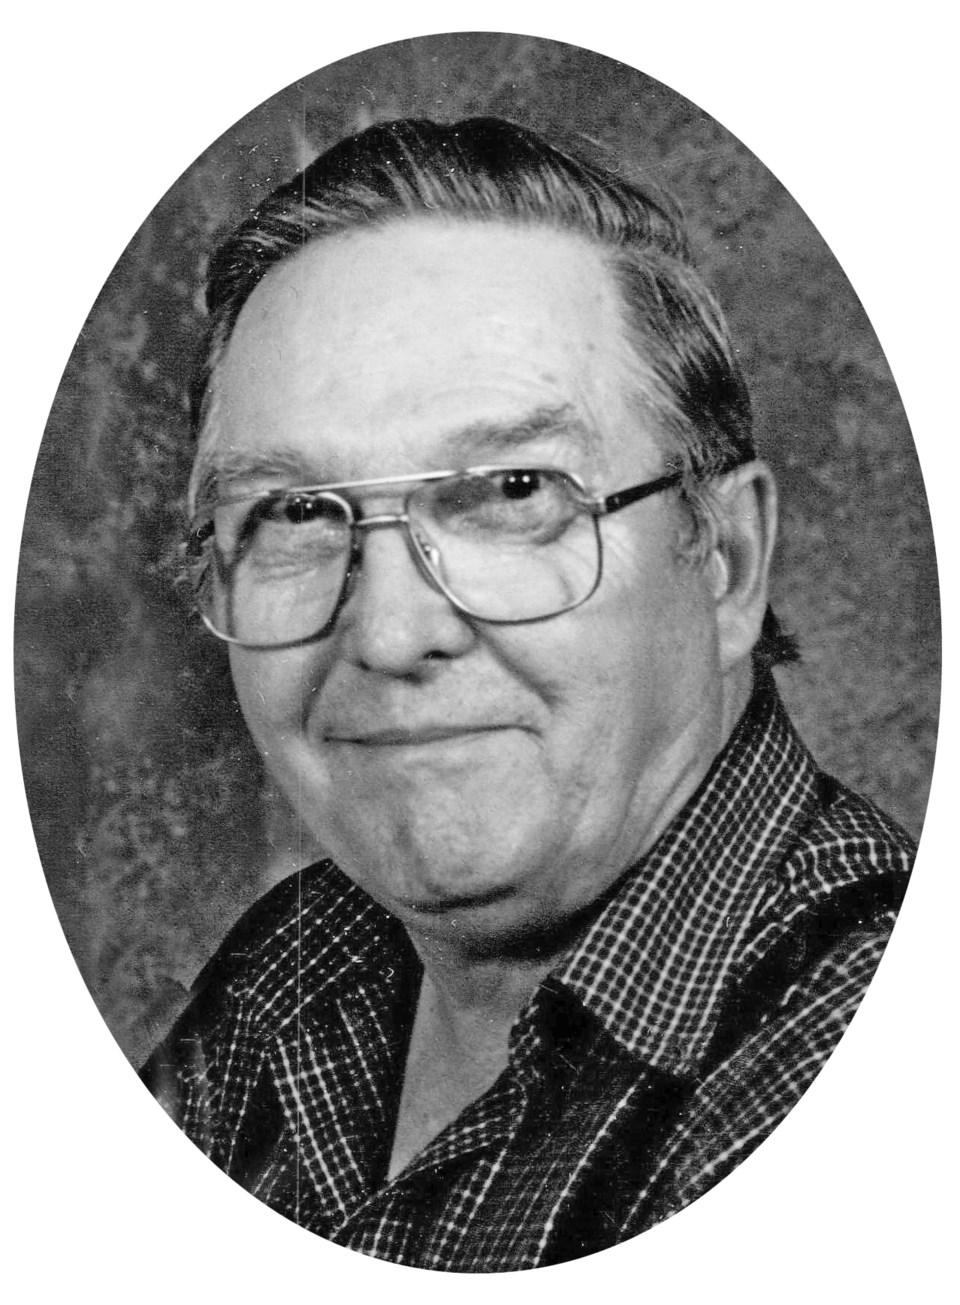 Marvin Aitken